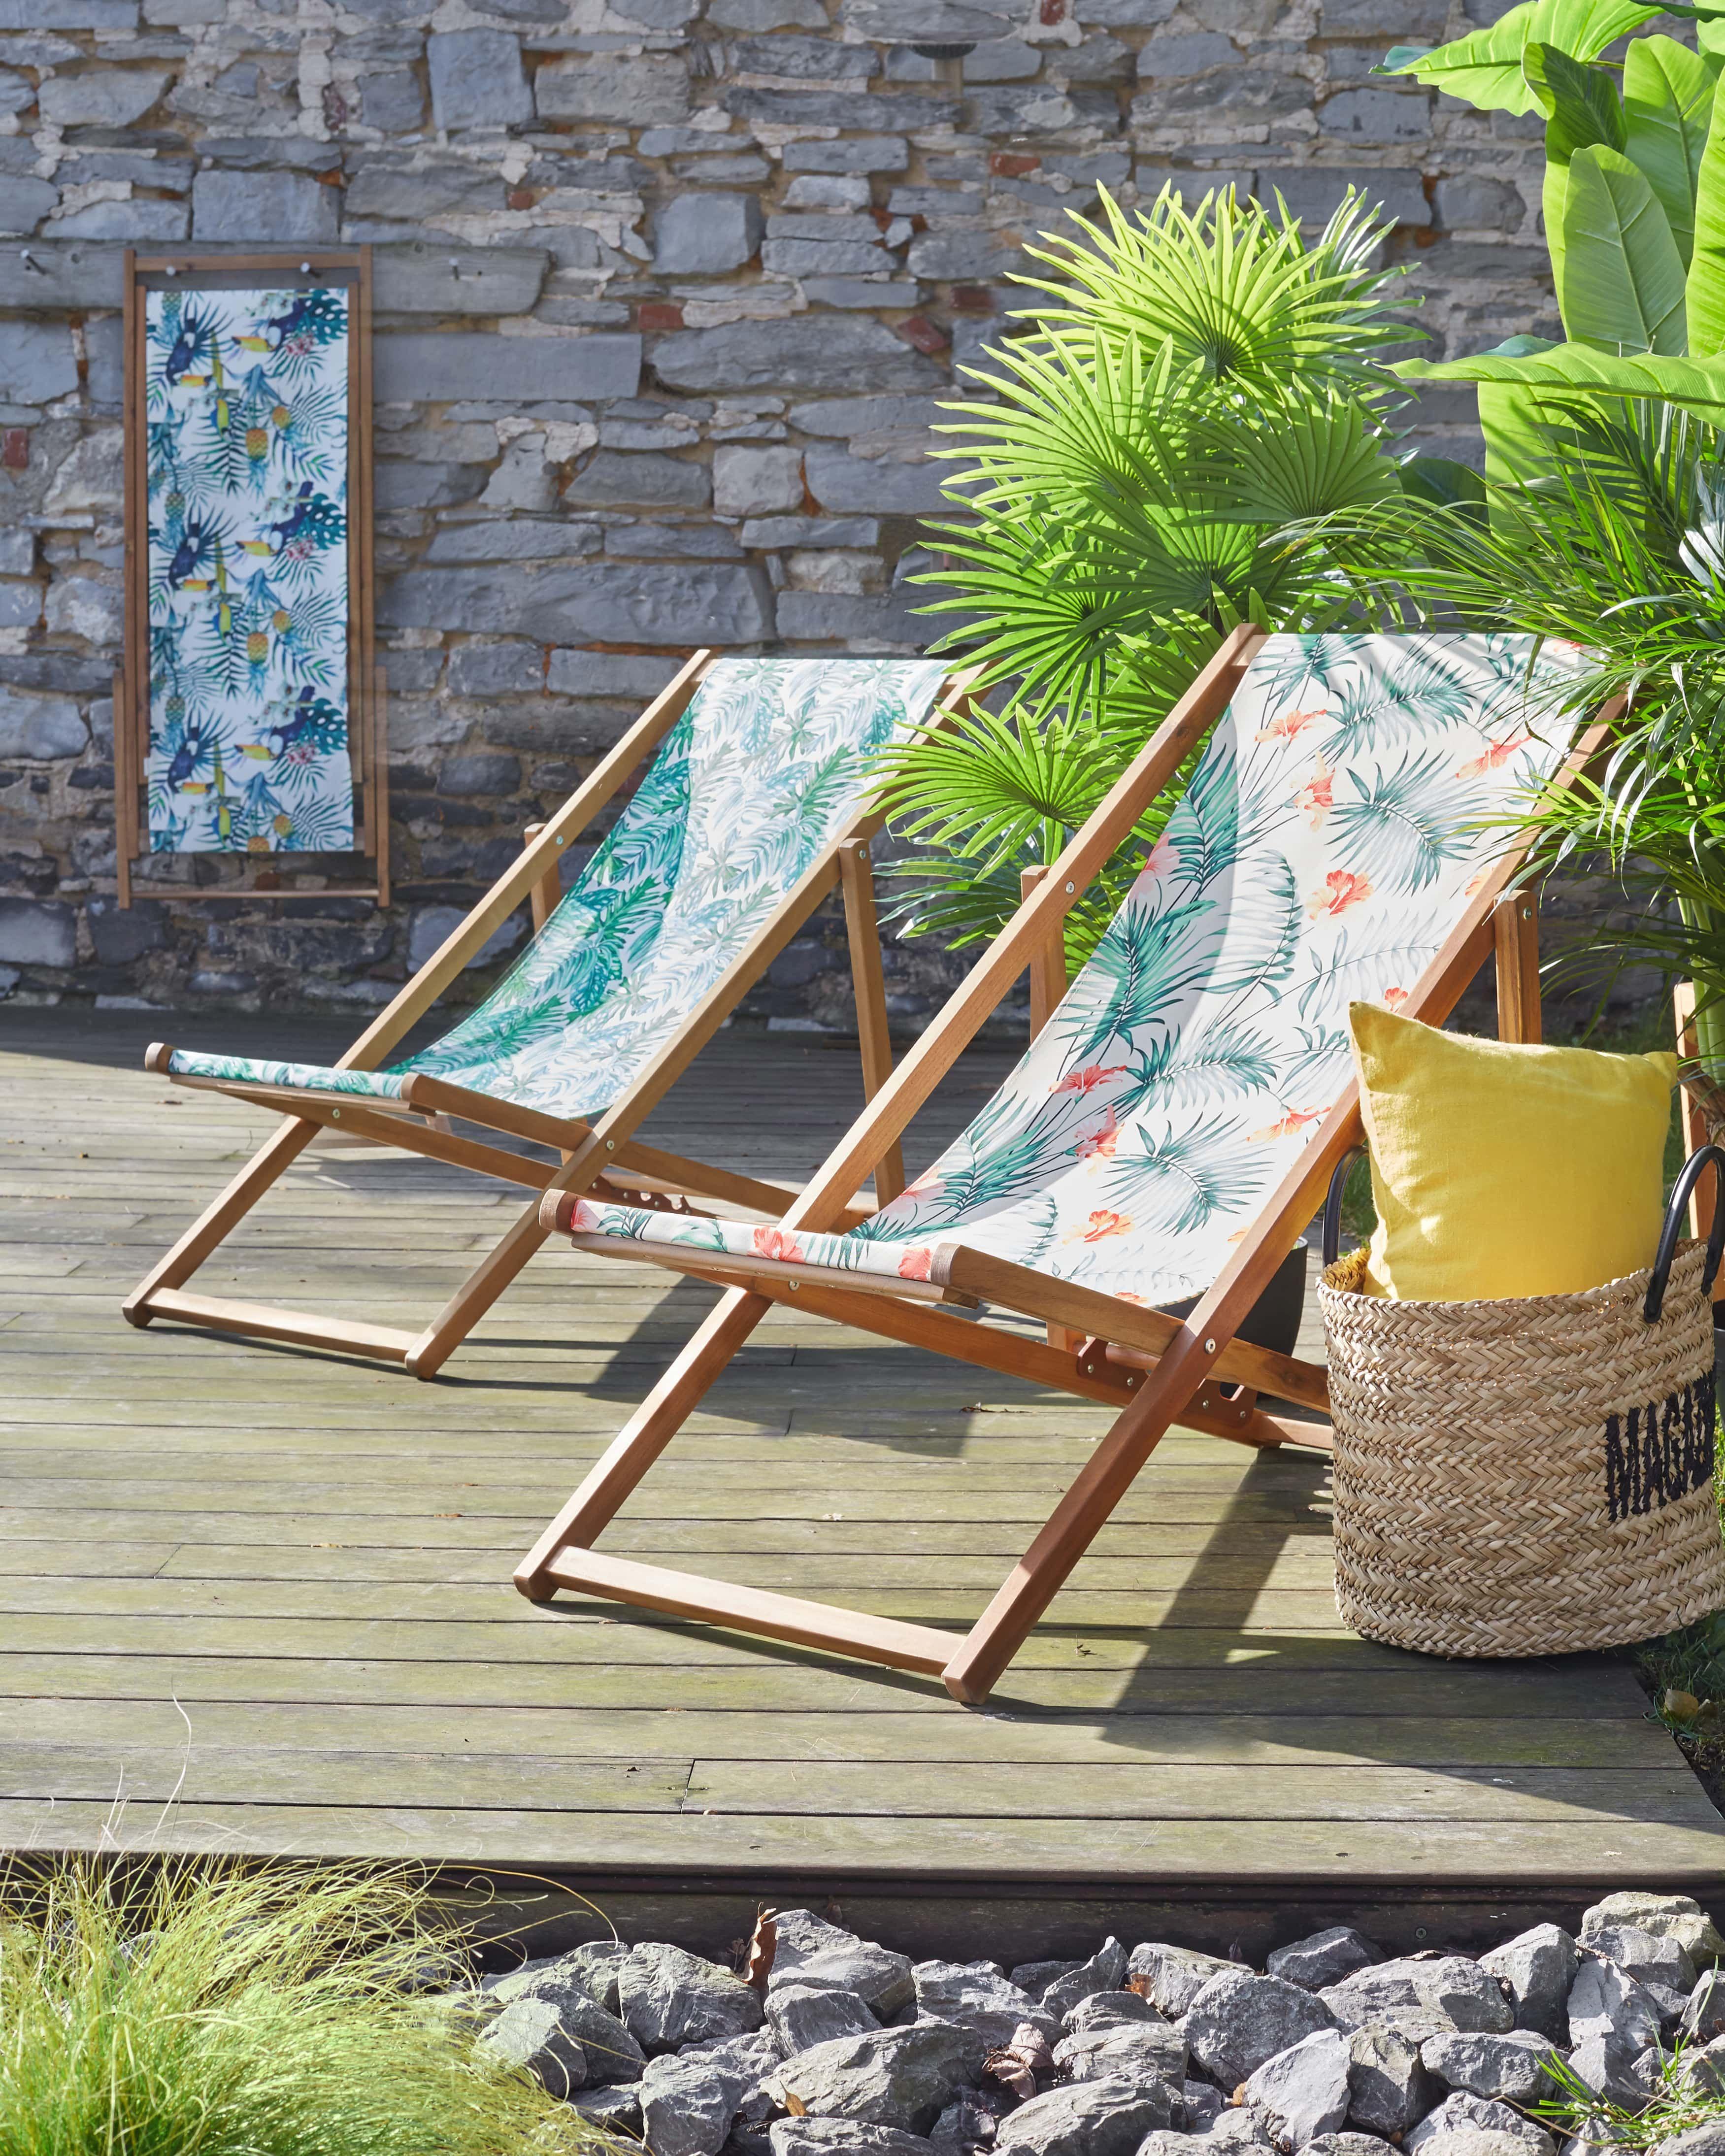 Chiliennes En Acacia Et Toile Imprimee Aux Motifs Tropicaux Decoration Deco Maison Alinea Chaise Longue Jardin Motif Tropical Chaise Longue Exterieur